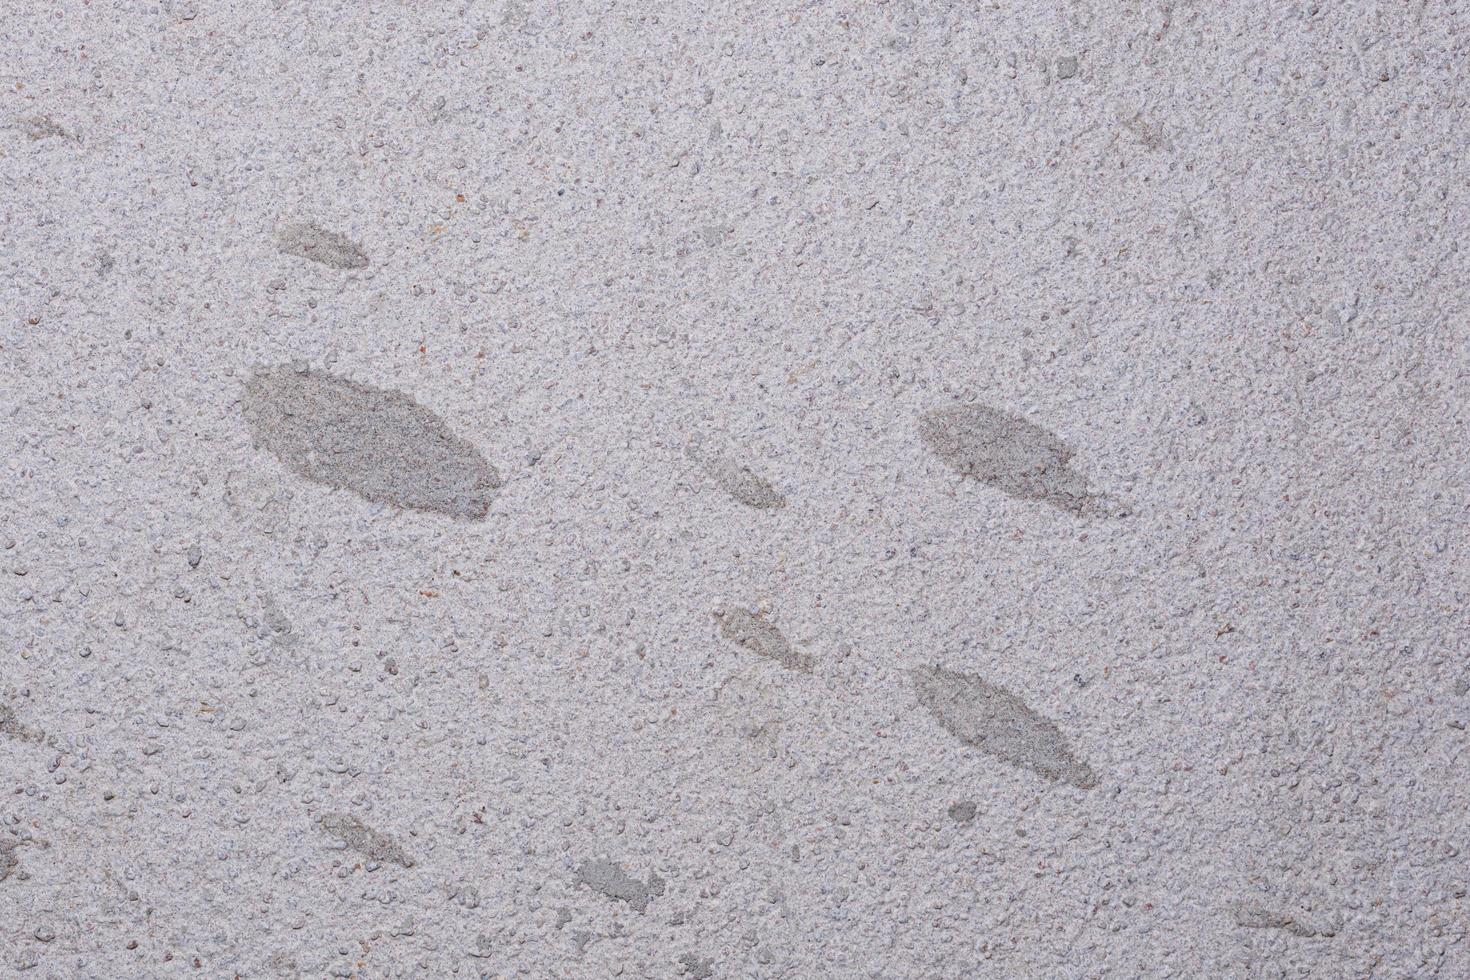 alter Zementbodenhintergrund foto